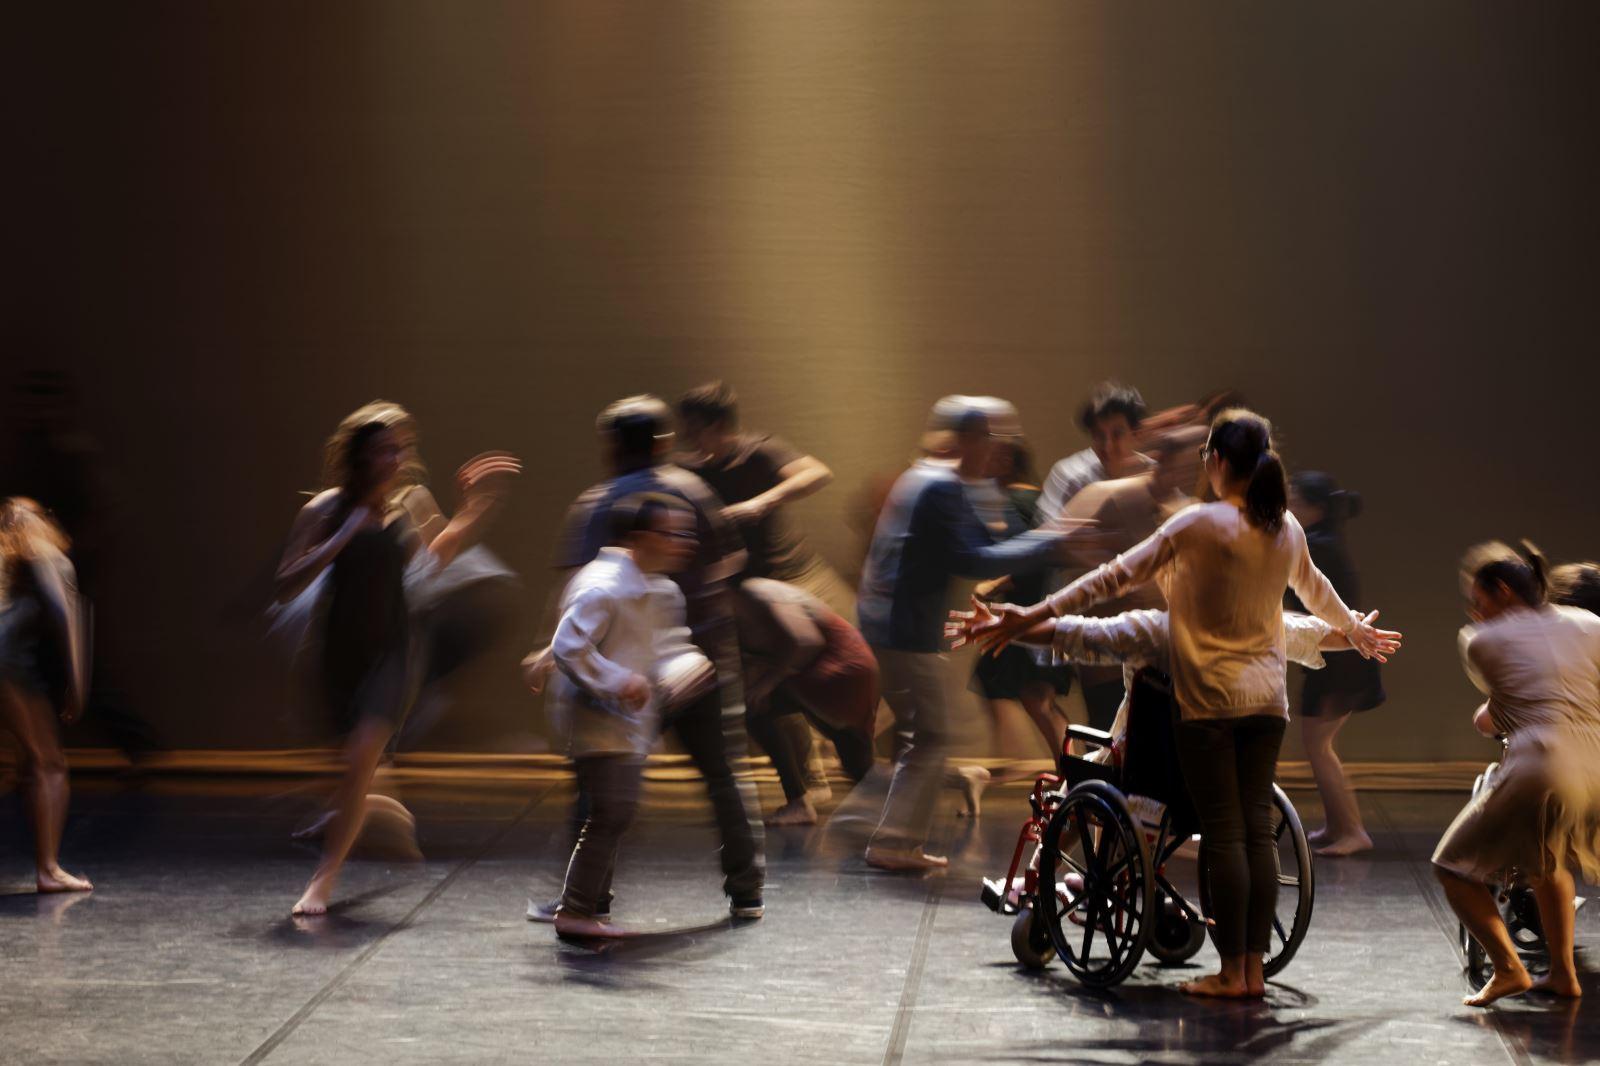 Dança inclusiva | 'Através da dança somos todos iguais'